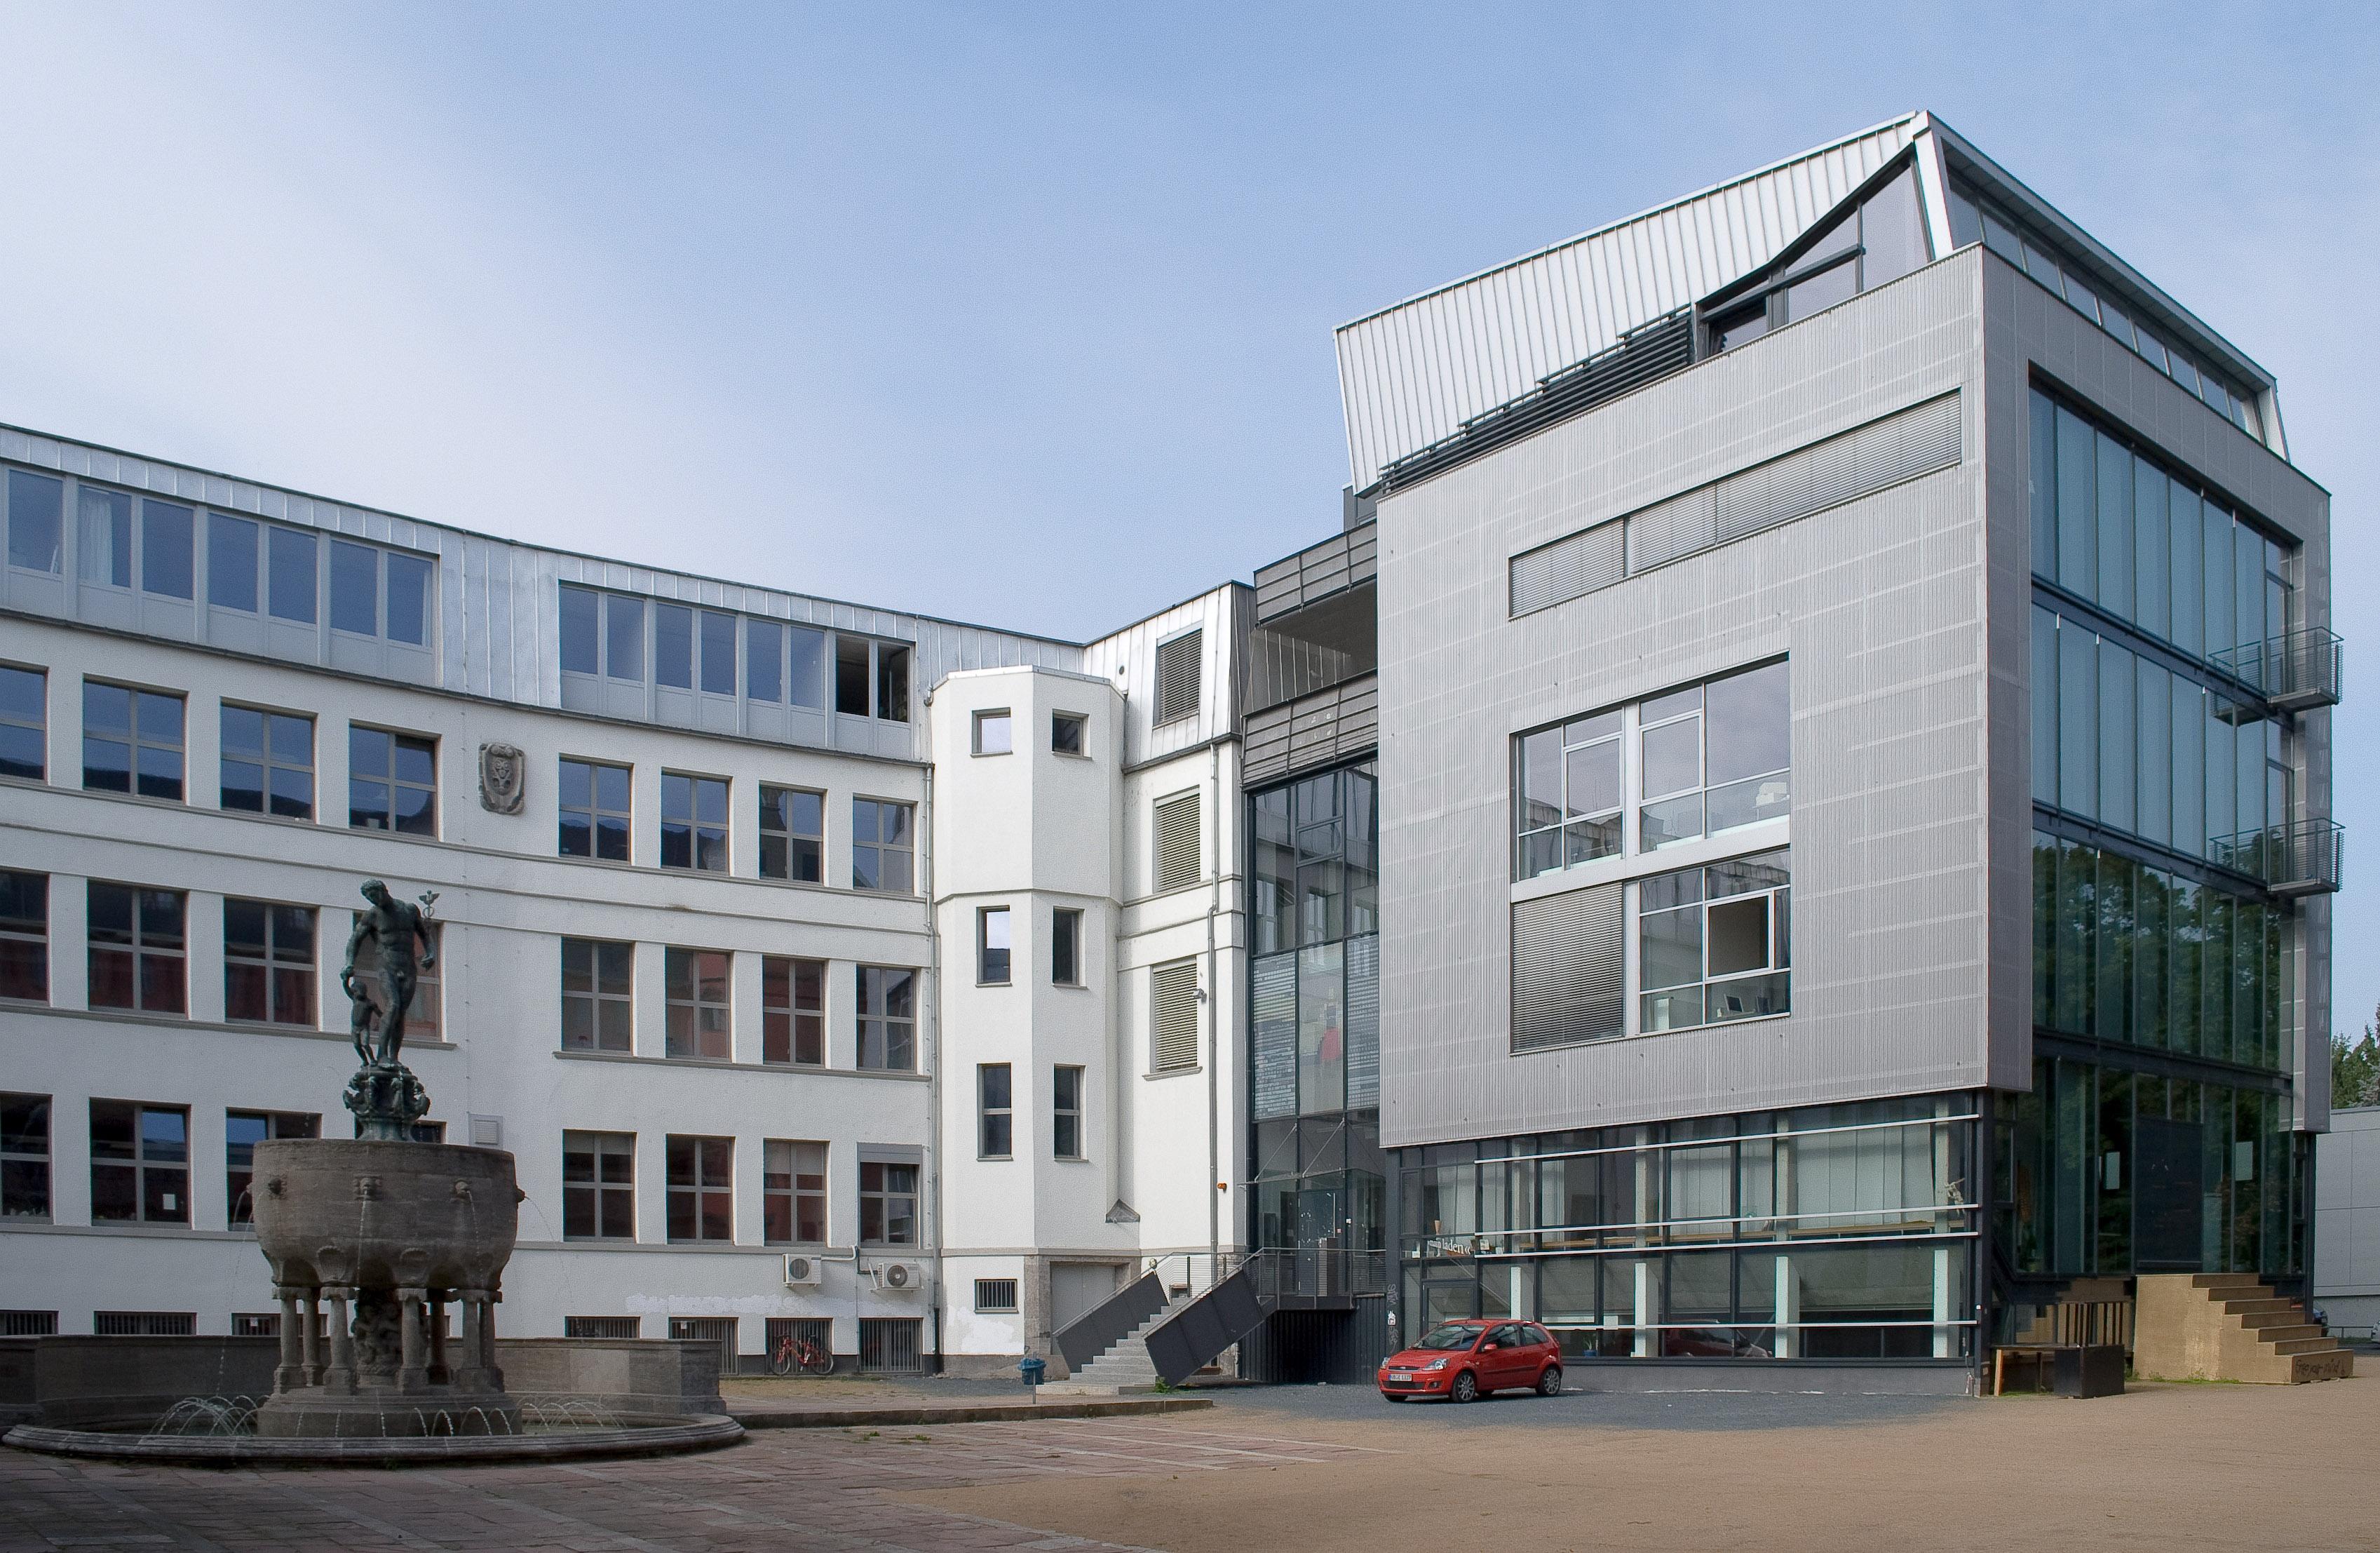 Hochschule f r gestaltung offenbach am main wikiwand for Hochschule gestaltung offenbach